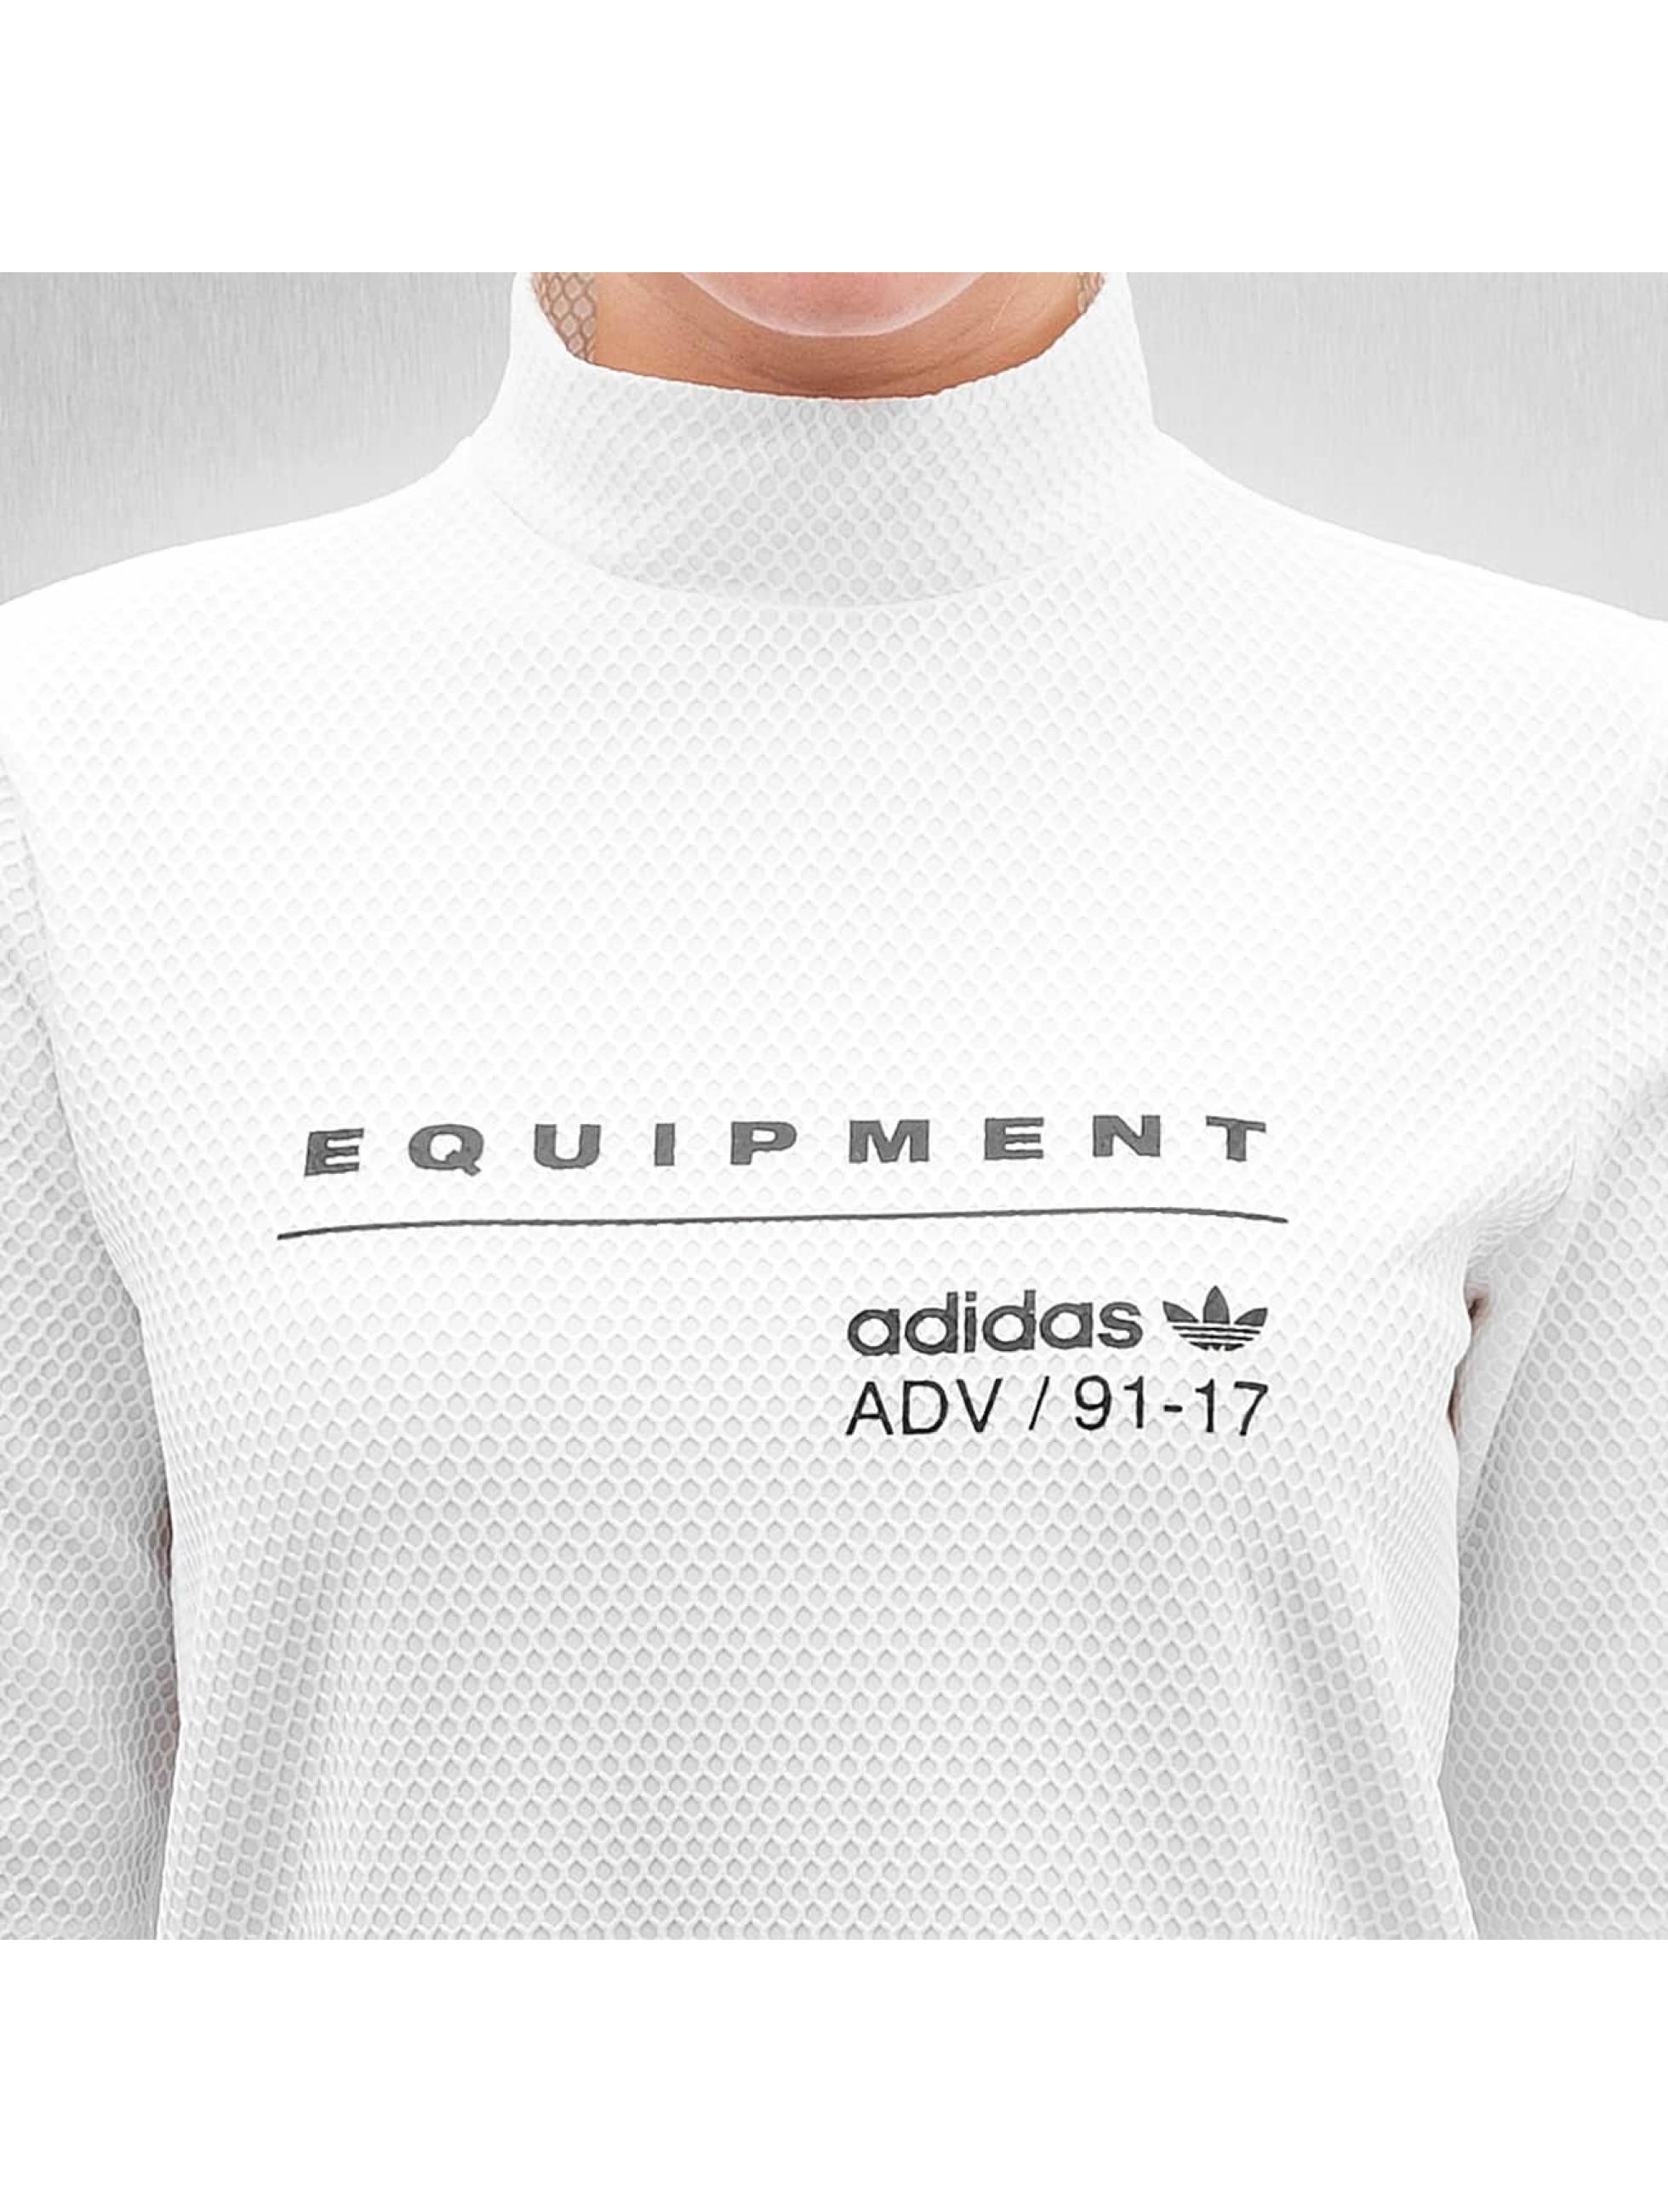 adidas originals Pullover Mesh Shortsleeve weiß